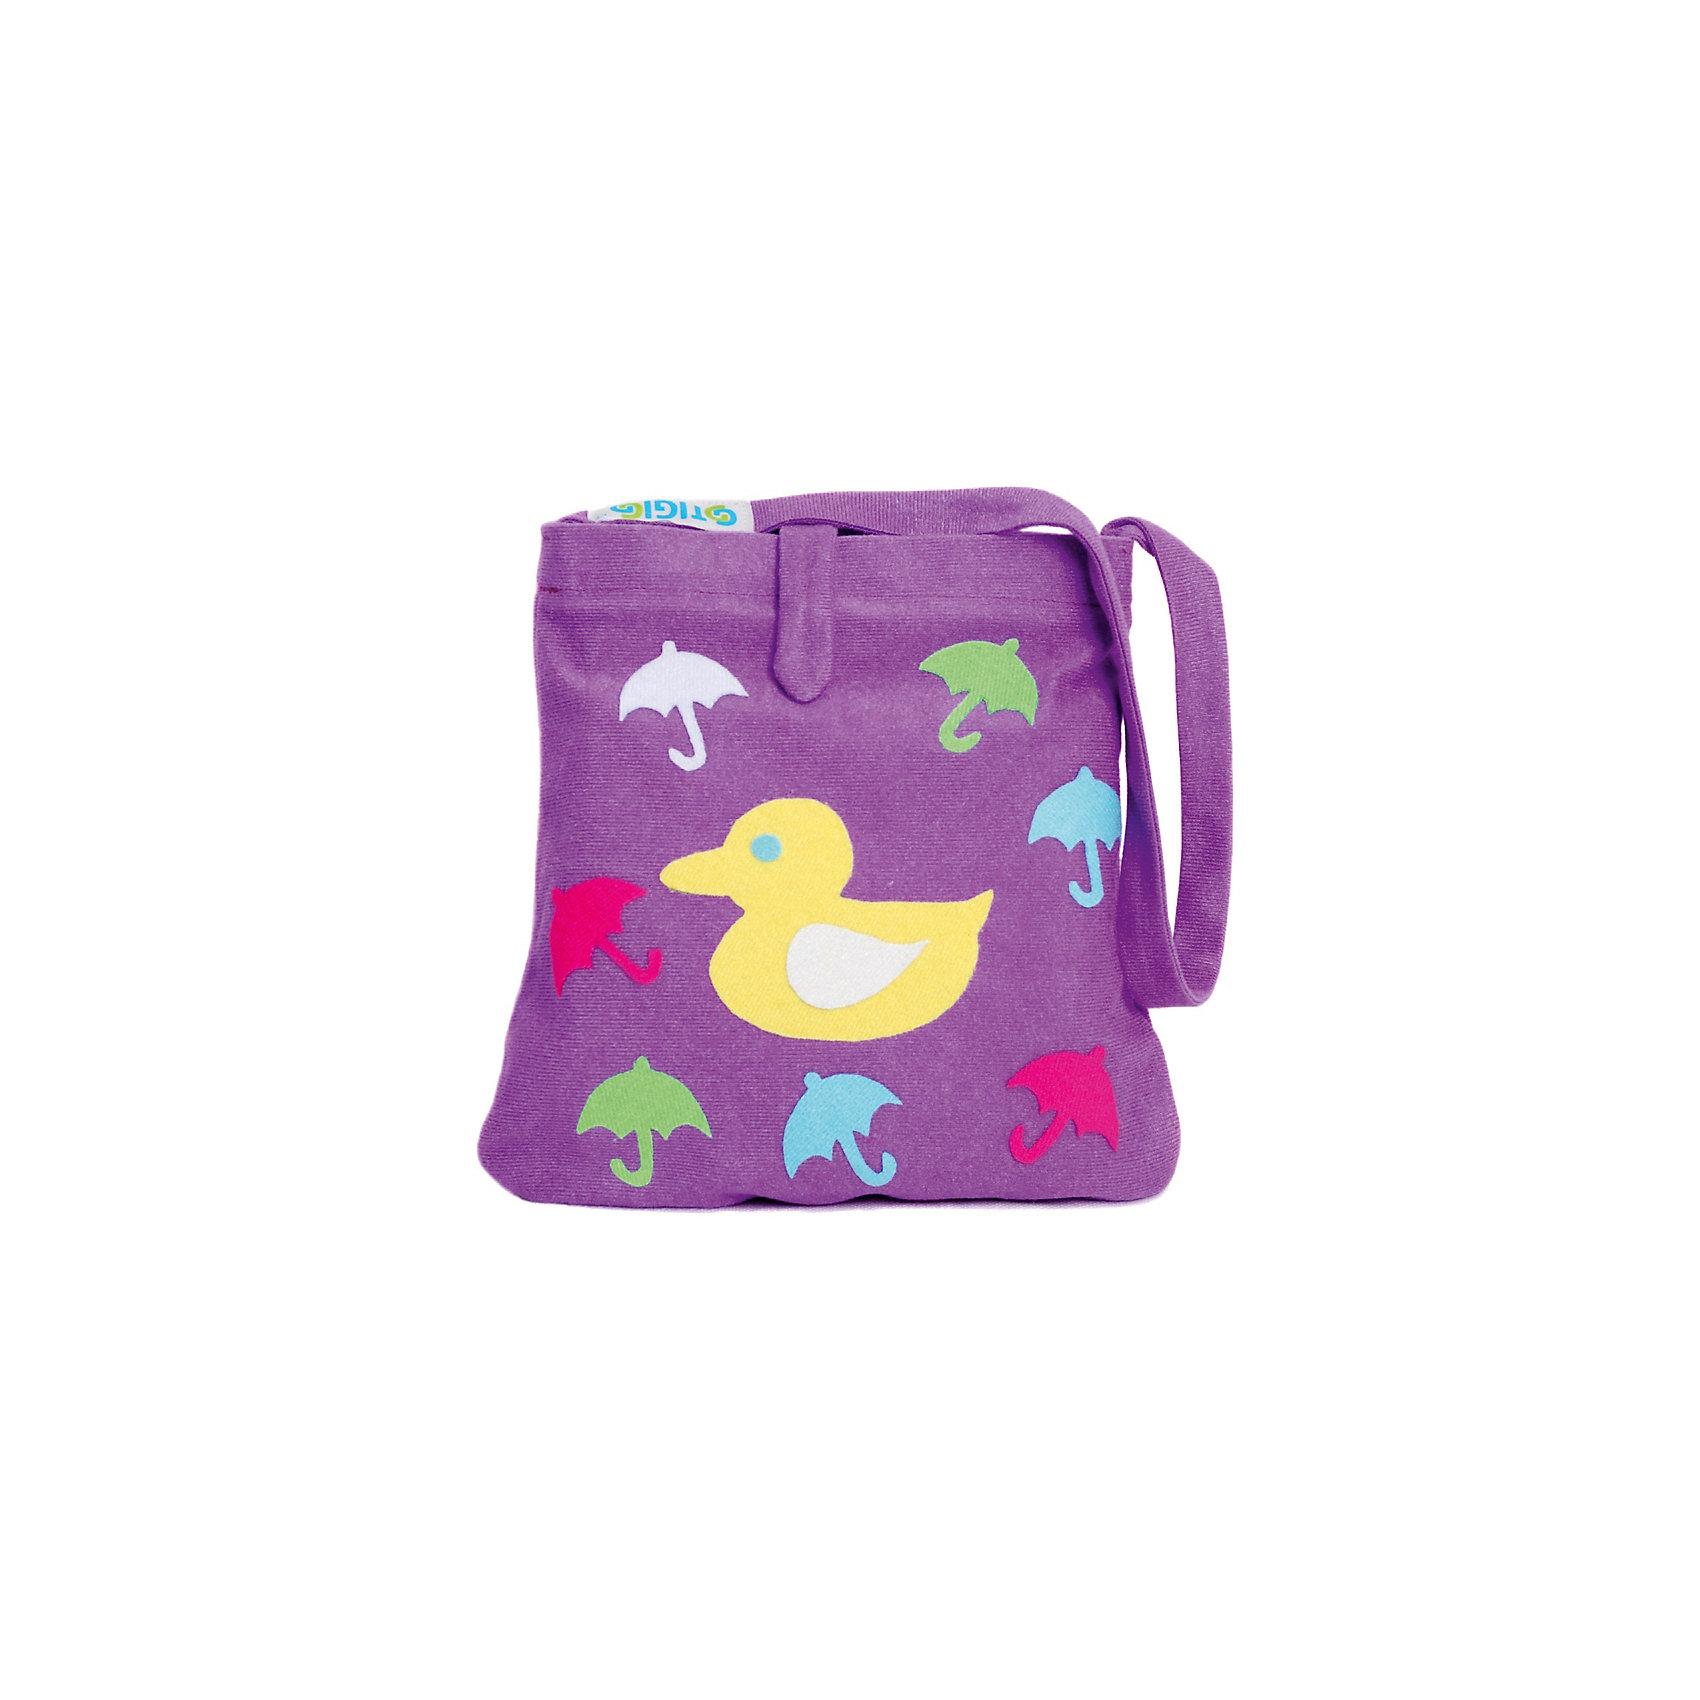 Стигис-аппликация Сумка детская, сиреневаяБумага<br>Если девочка давно мечтает о красивой сумке с оригинальной аппликацией, то ей обязательно понравится набор для стигис-аппликации на сумке. Ребенок сможет самостоятельно придумать дизайн и воссоздать его на сумочке при помощи ткани с термоклеевым слоем. Достаточно вырезать нужные элементы, выложить их на сумку и прогладить утюгом - красивая и практичная сумочка готова! В случае ошибки ткань можно снова прогладить утюгом, и она отклеится. Такой вид детского творчество хорошо развивает аккуратность, воображение и дизайнерские способности. Отличный подарок для юных рукодельниц!<br><br>Дополнительная информация: <br>В комплекте: сумка, кусочки stigis-ткани, выкройки, инструкция<br>Цвет: сиреневый<br>Размер: 3,5х27х20 см<br>Вес: 110 грамм<br>Набор для стигис-аппликации можно купить в нашем интернет-магазине.<br><br>Ширина мм: 200<br>Глубина мм: 270<br>Высота мм: 35<br>Вес г: 110<br>Возраст от месяцев: 60<br>Возраст до месяцев: 120<br>Пол: Унисекс<br>Возраст: Детский<br>SKU: 4939429